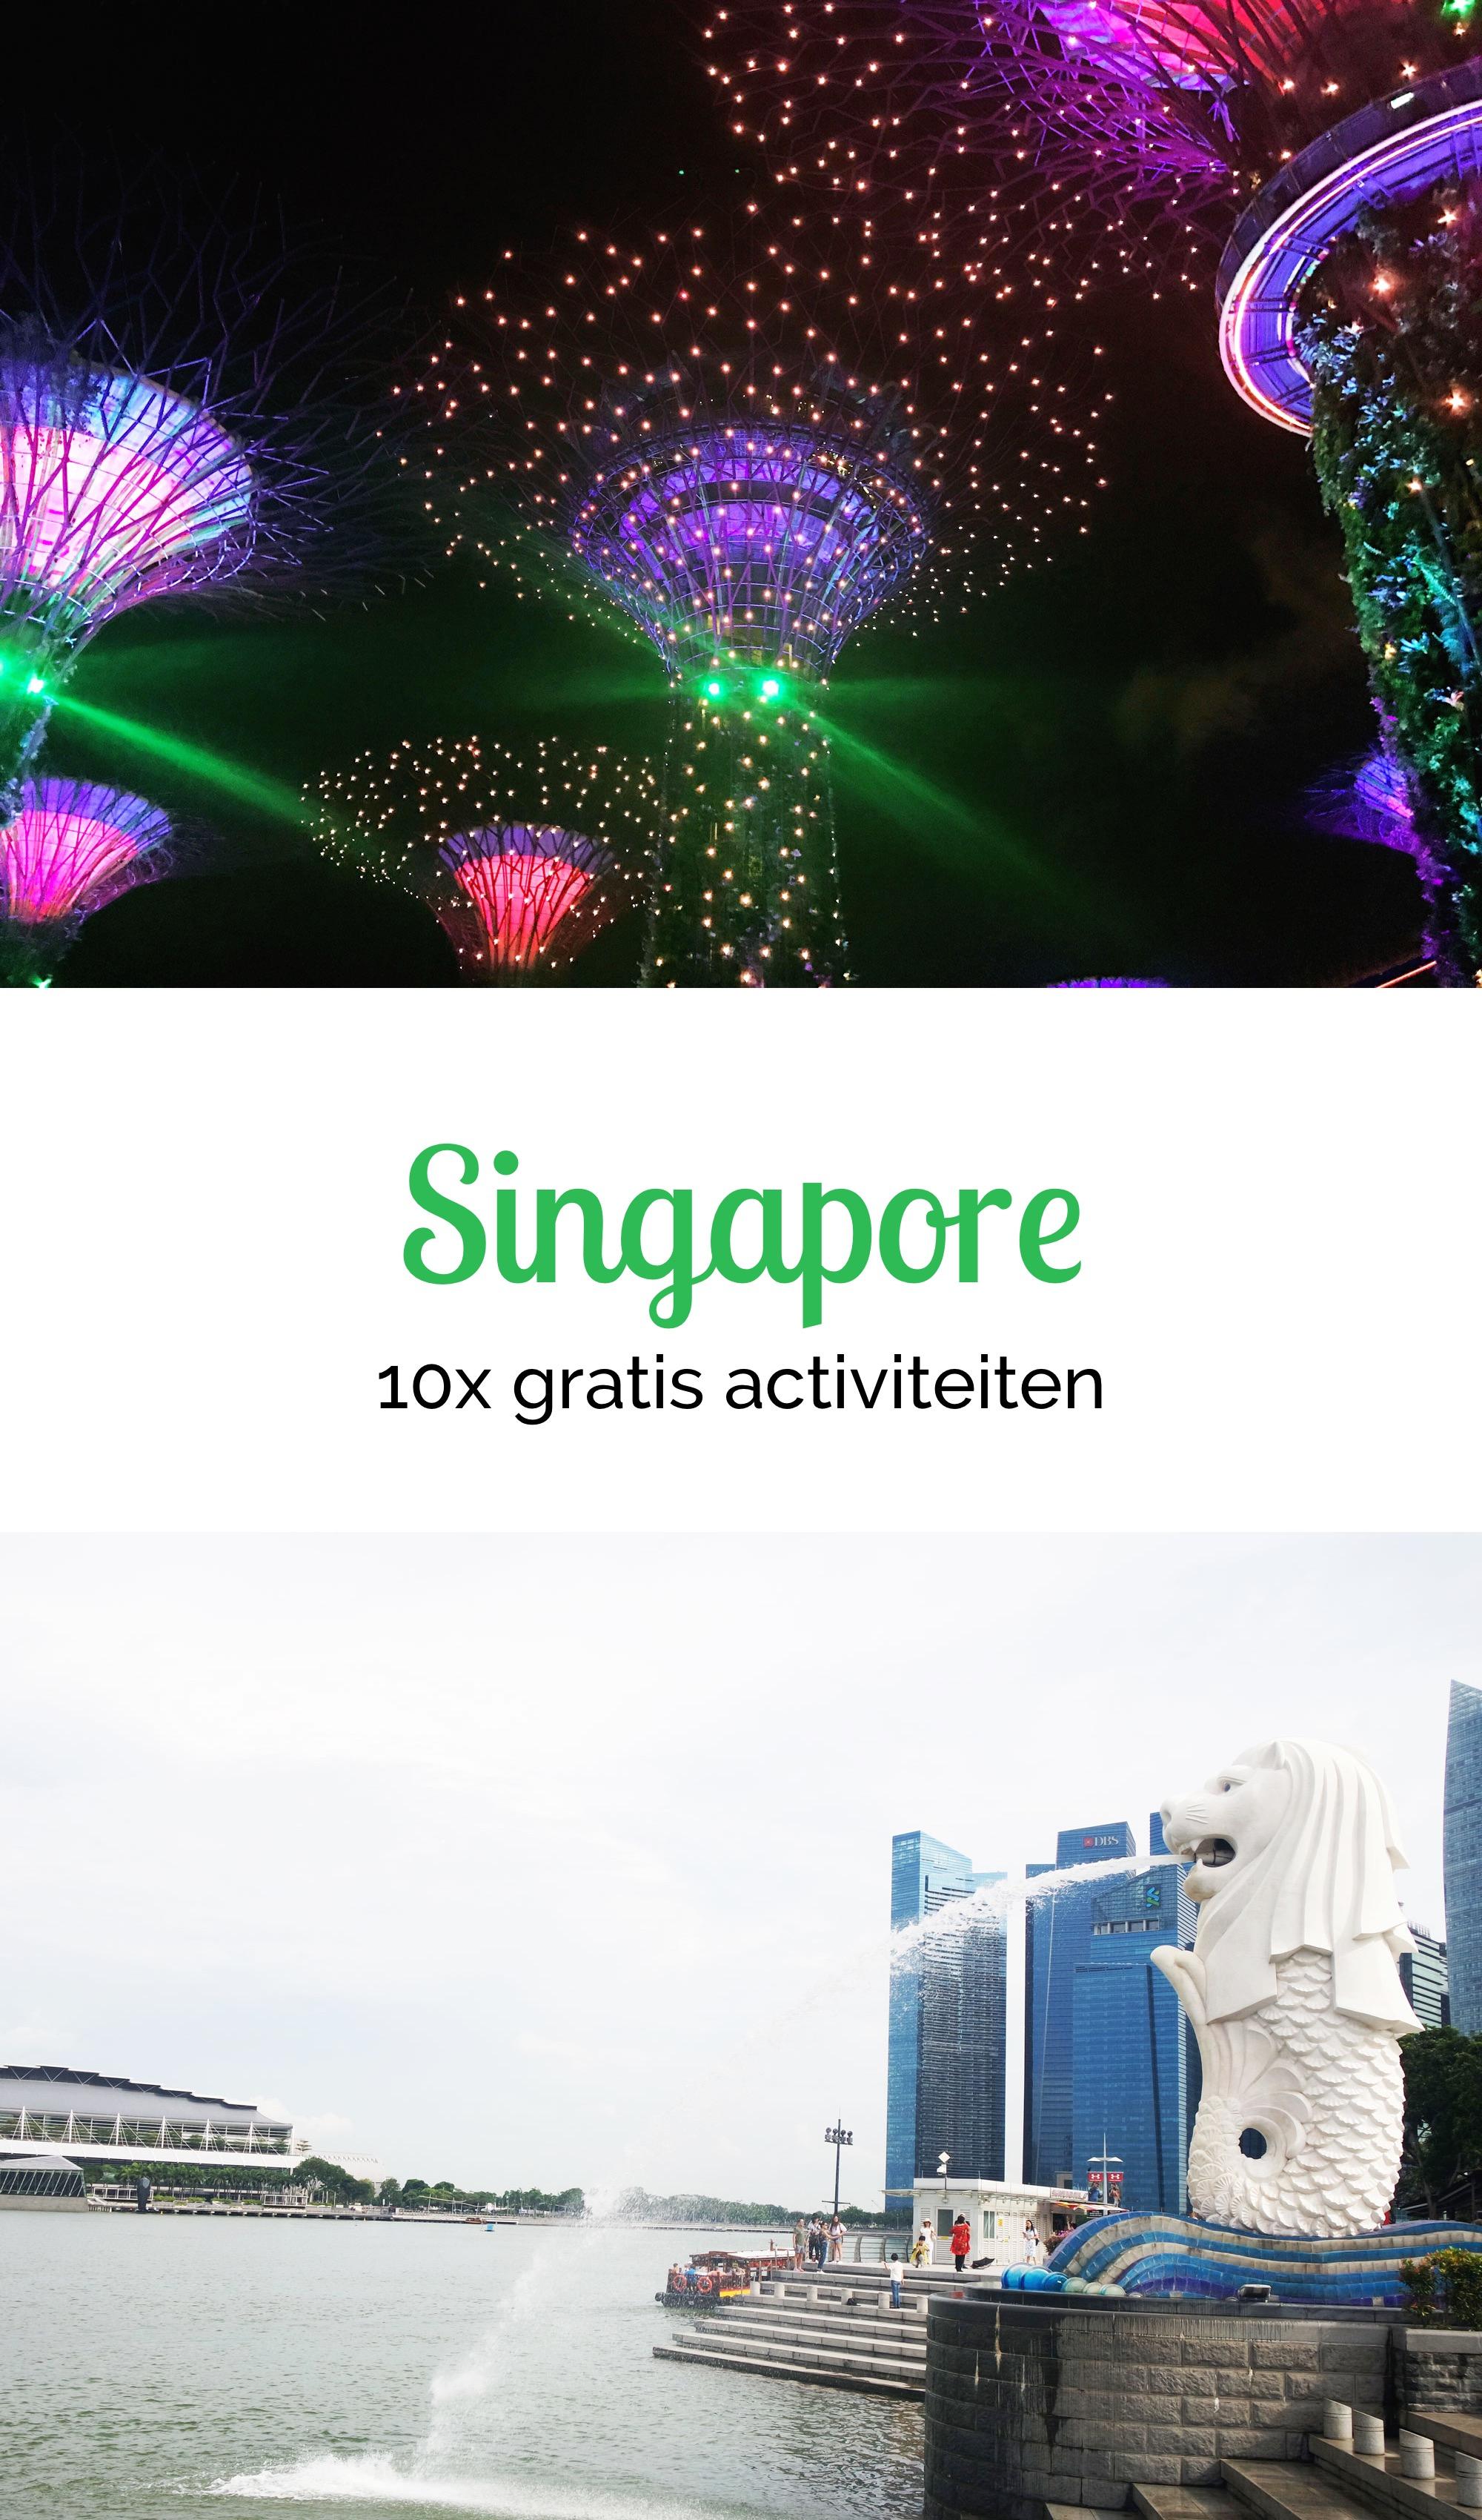 Singapore: 10x gratis activiteiten